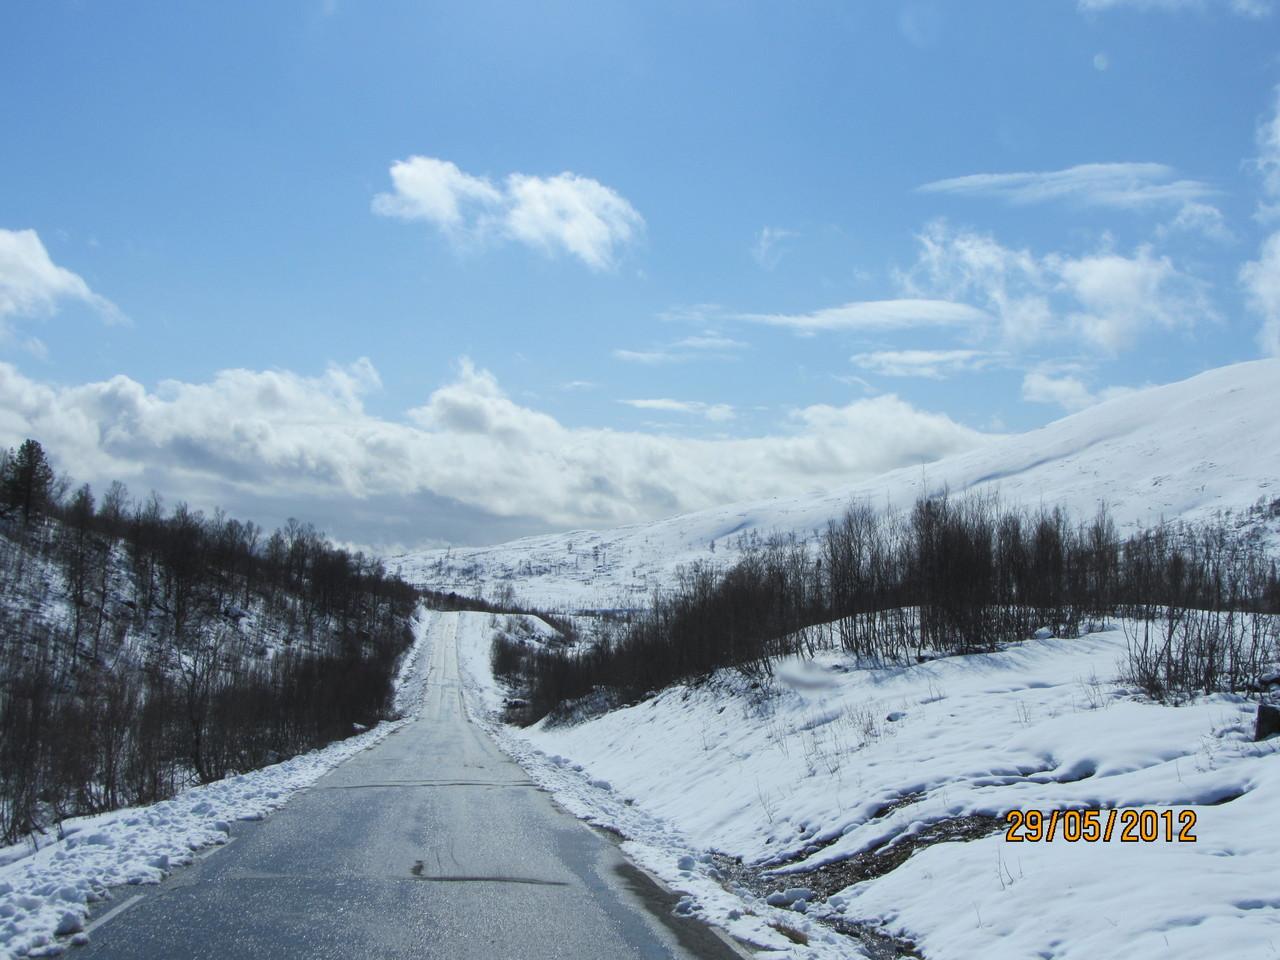 die Weiterfahrt nach Olderdalen